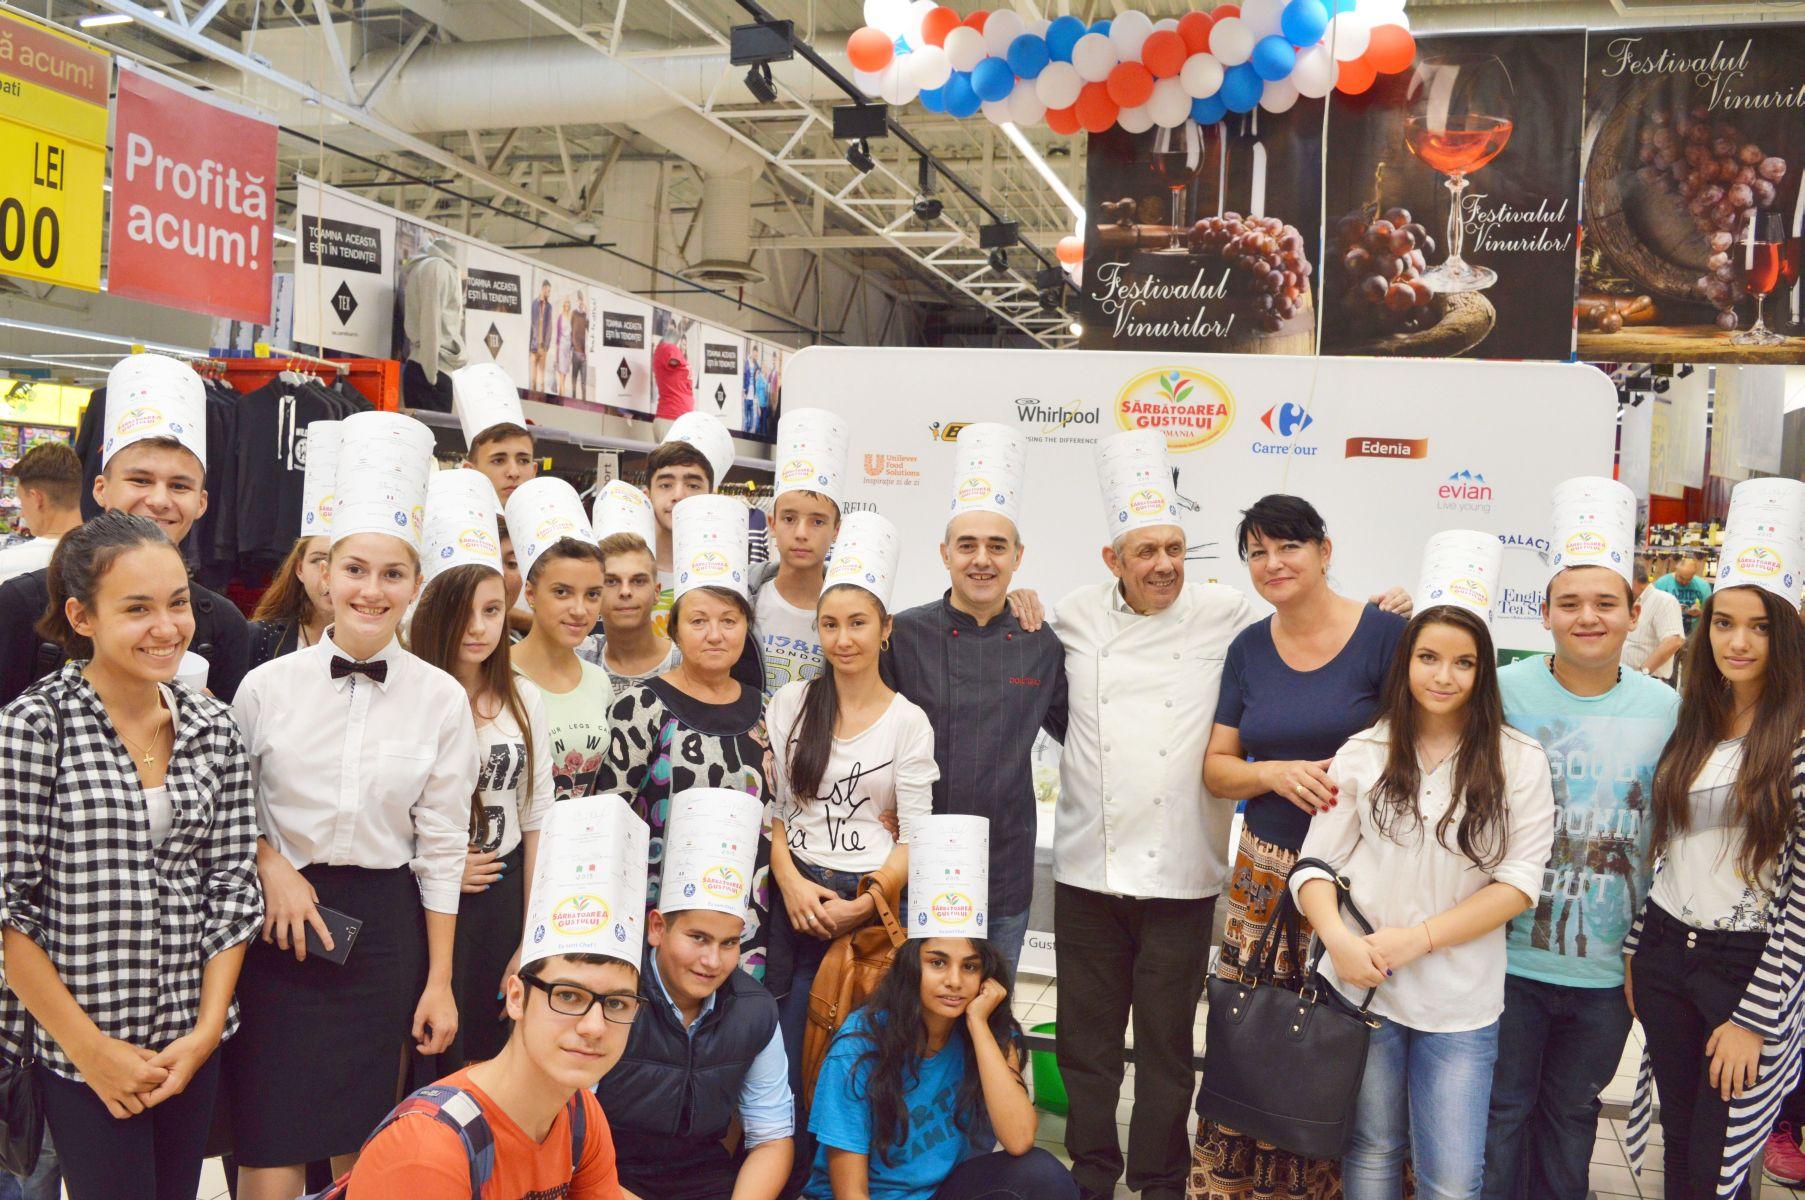 Atelier_Culinar_Sarbatoarea_Gustului_Carrefour_Orhidea_Atelier_Educational